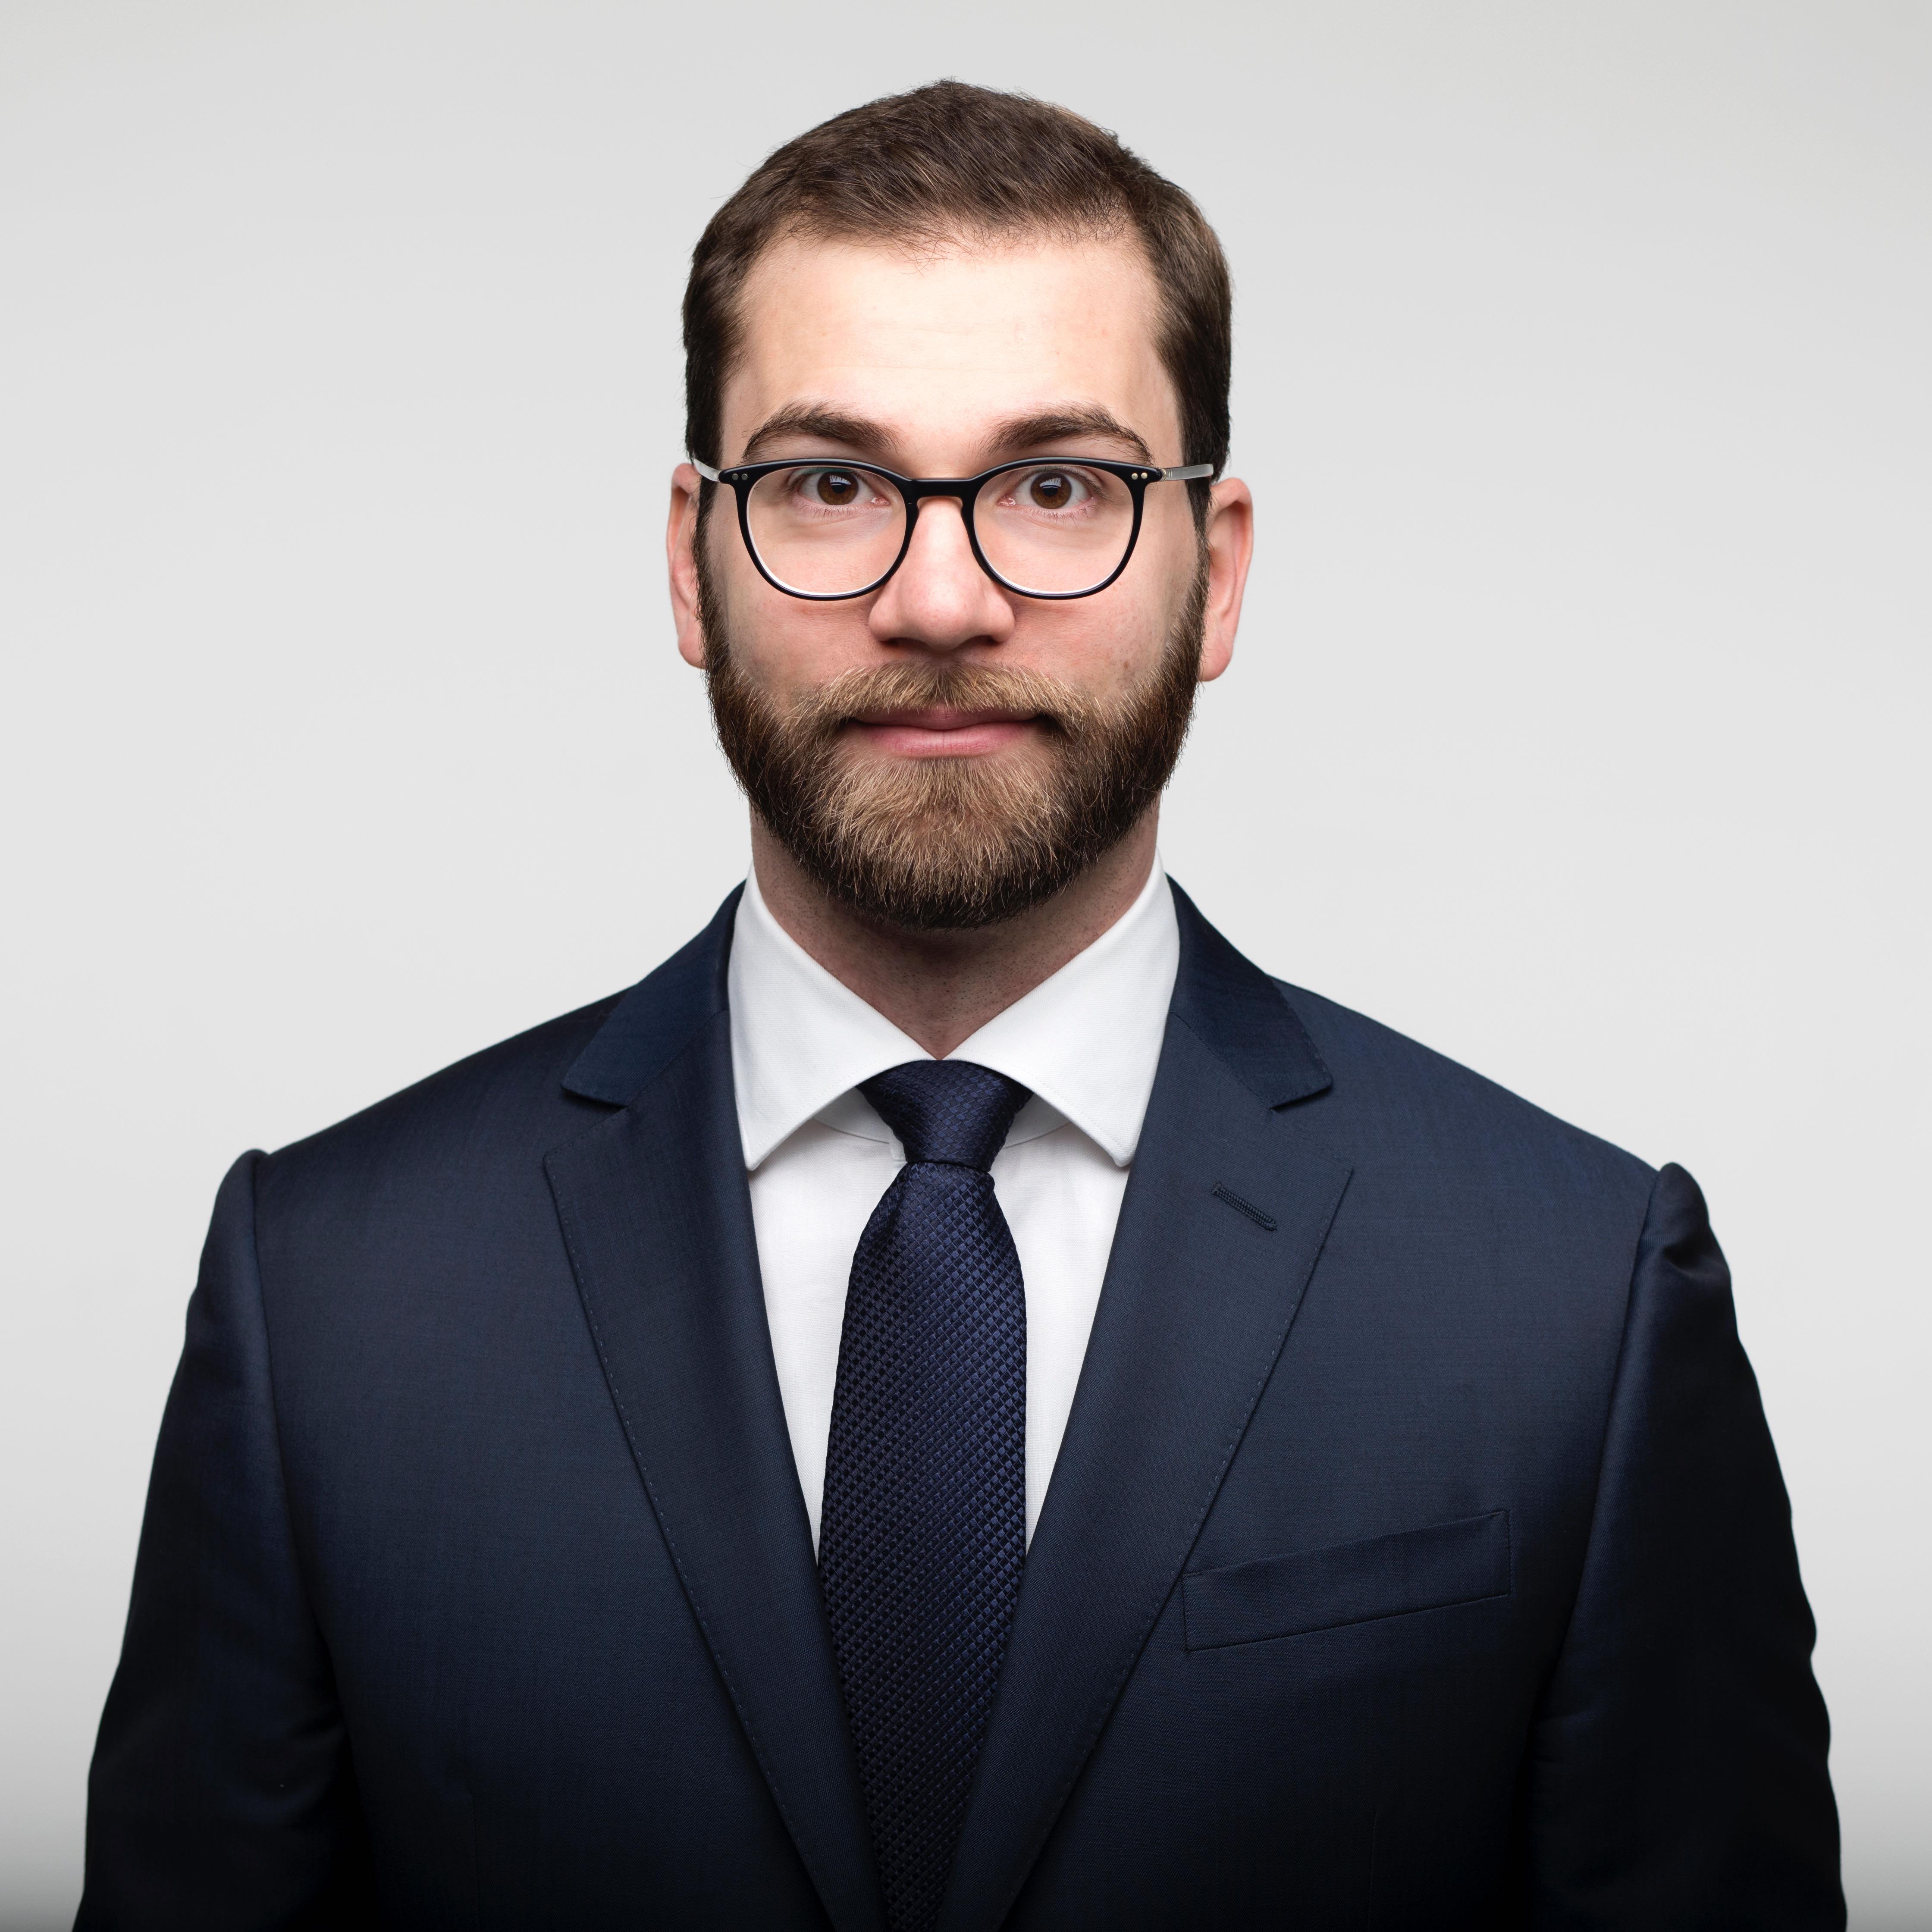 Адвокат по трудовому праву Хазанов Евгений – AfA Rechtsanwälte